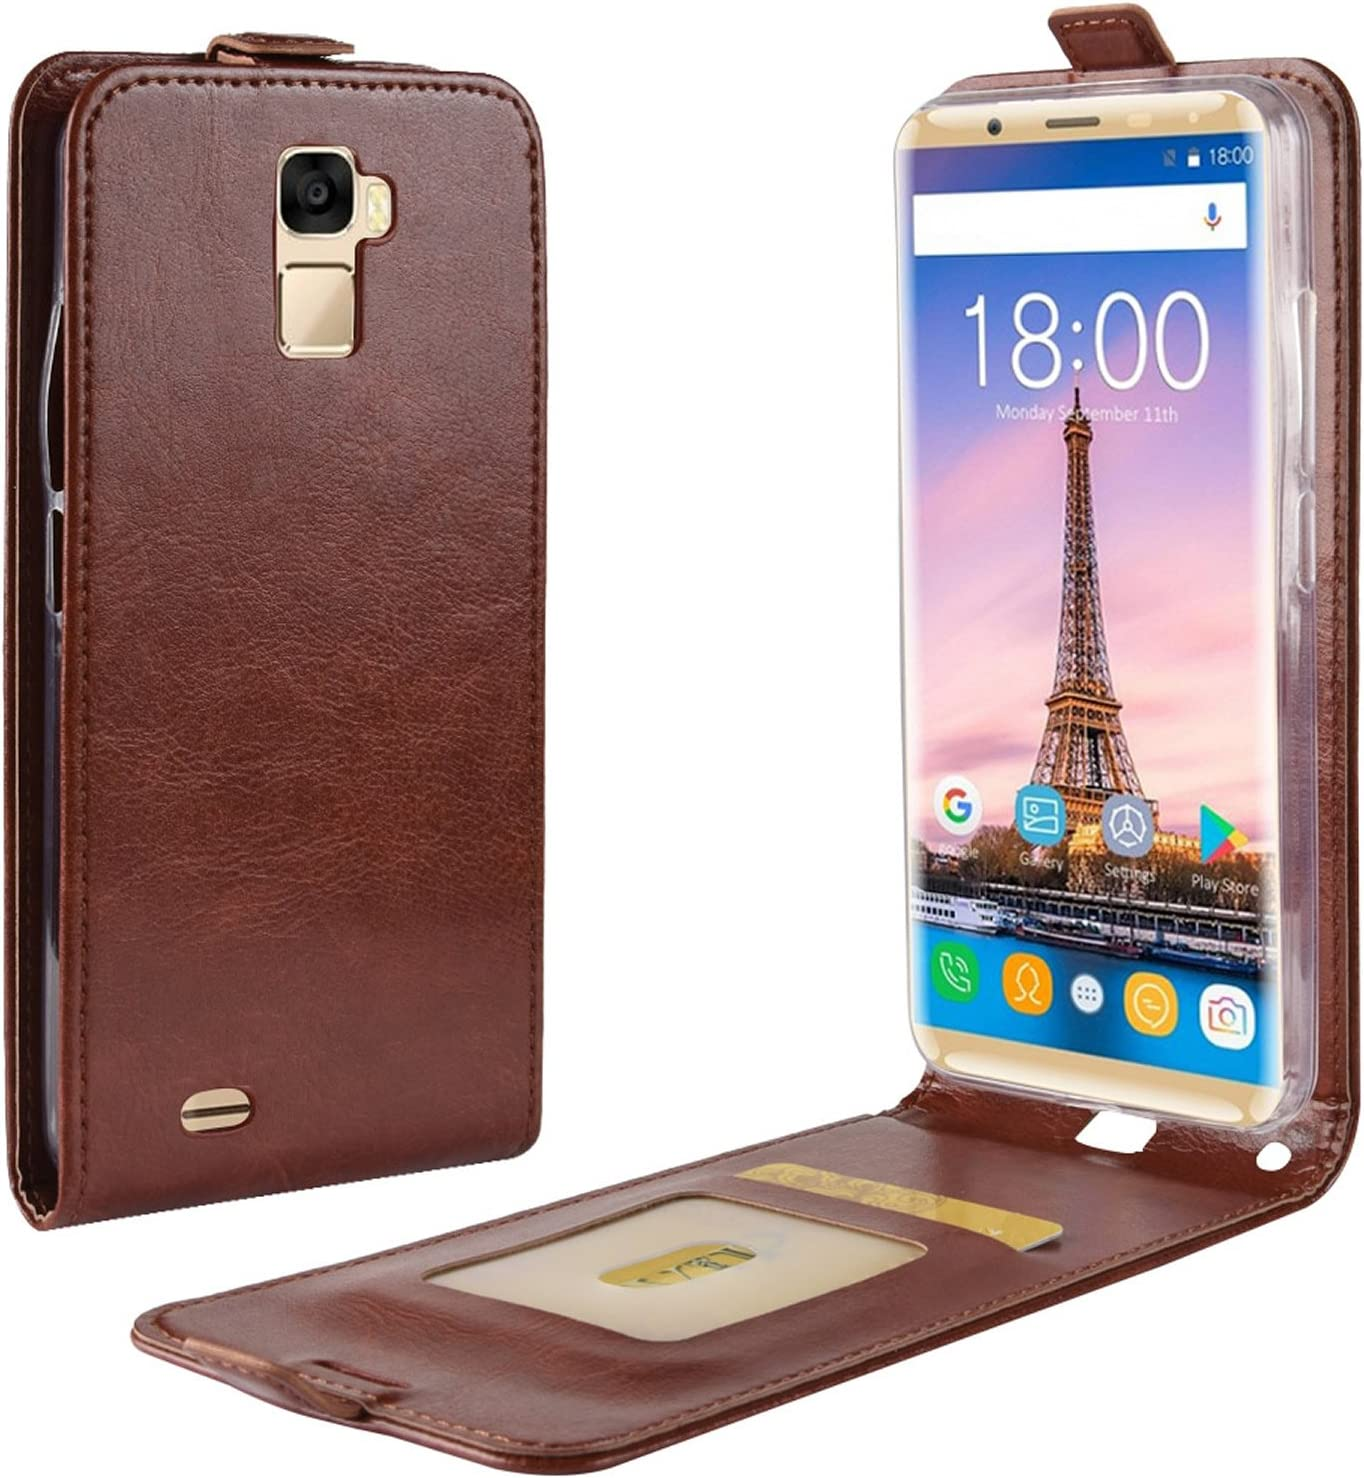 HualuBro Funda OUKITEL K5000, Premium PU Cuero Leather Piel Carcasa Flip Case Cover para Oukitel K5000 Smartphone (Marrón): Amazon.es: Electrónica